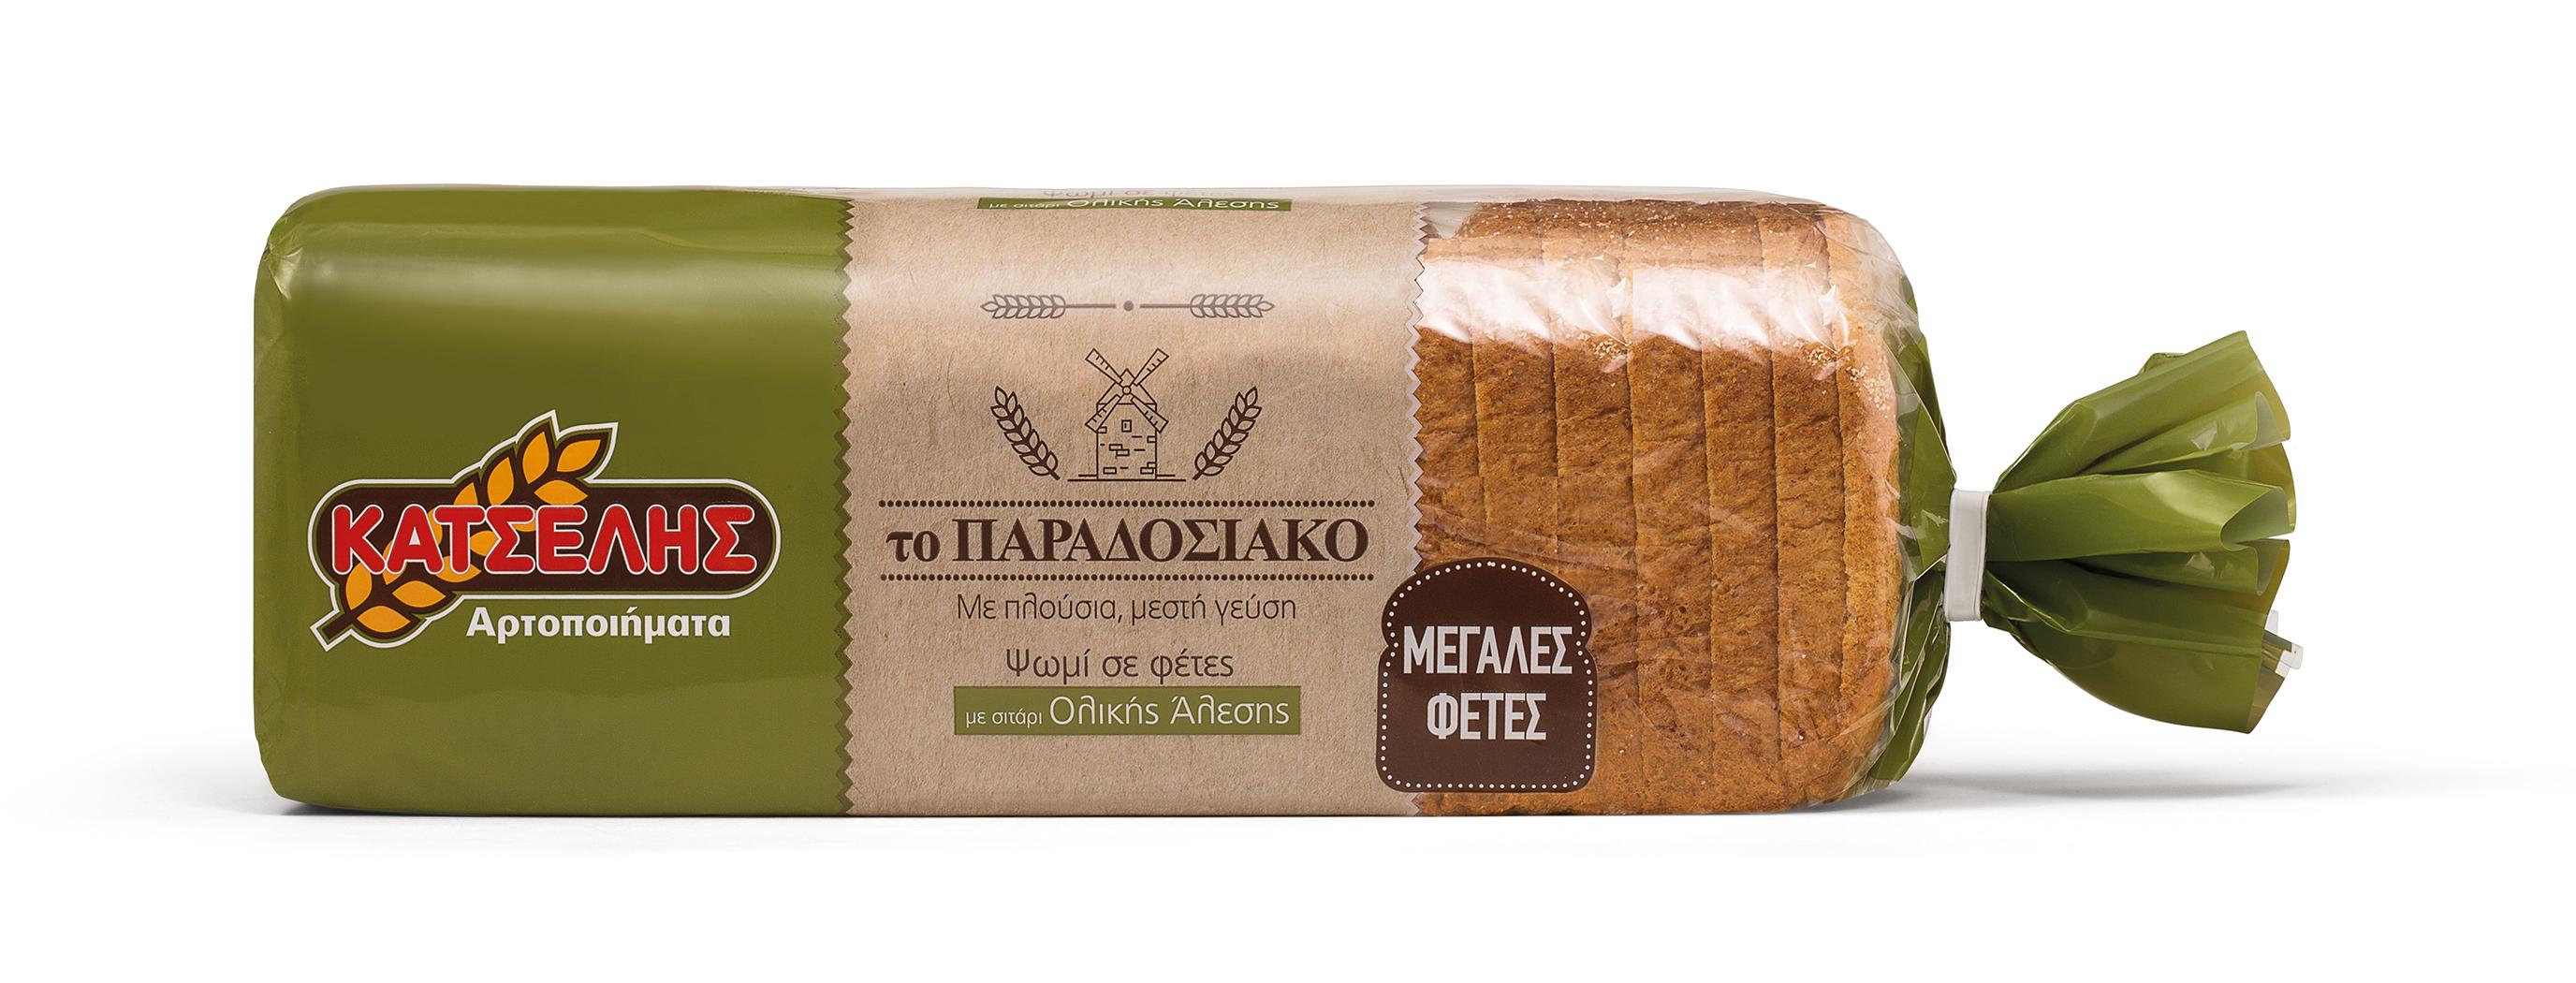 Ψωμί του τόστ Ολικής Άλεσης Μεγάλες Φέτες Το Παραδοσιακό Κατσέλης (900 g)